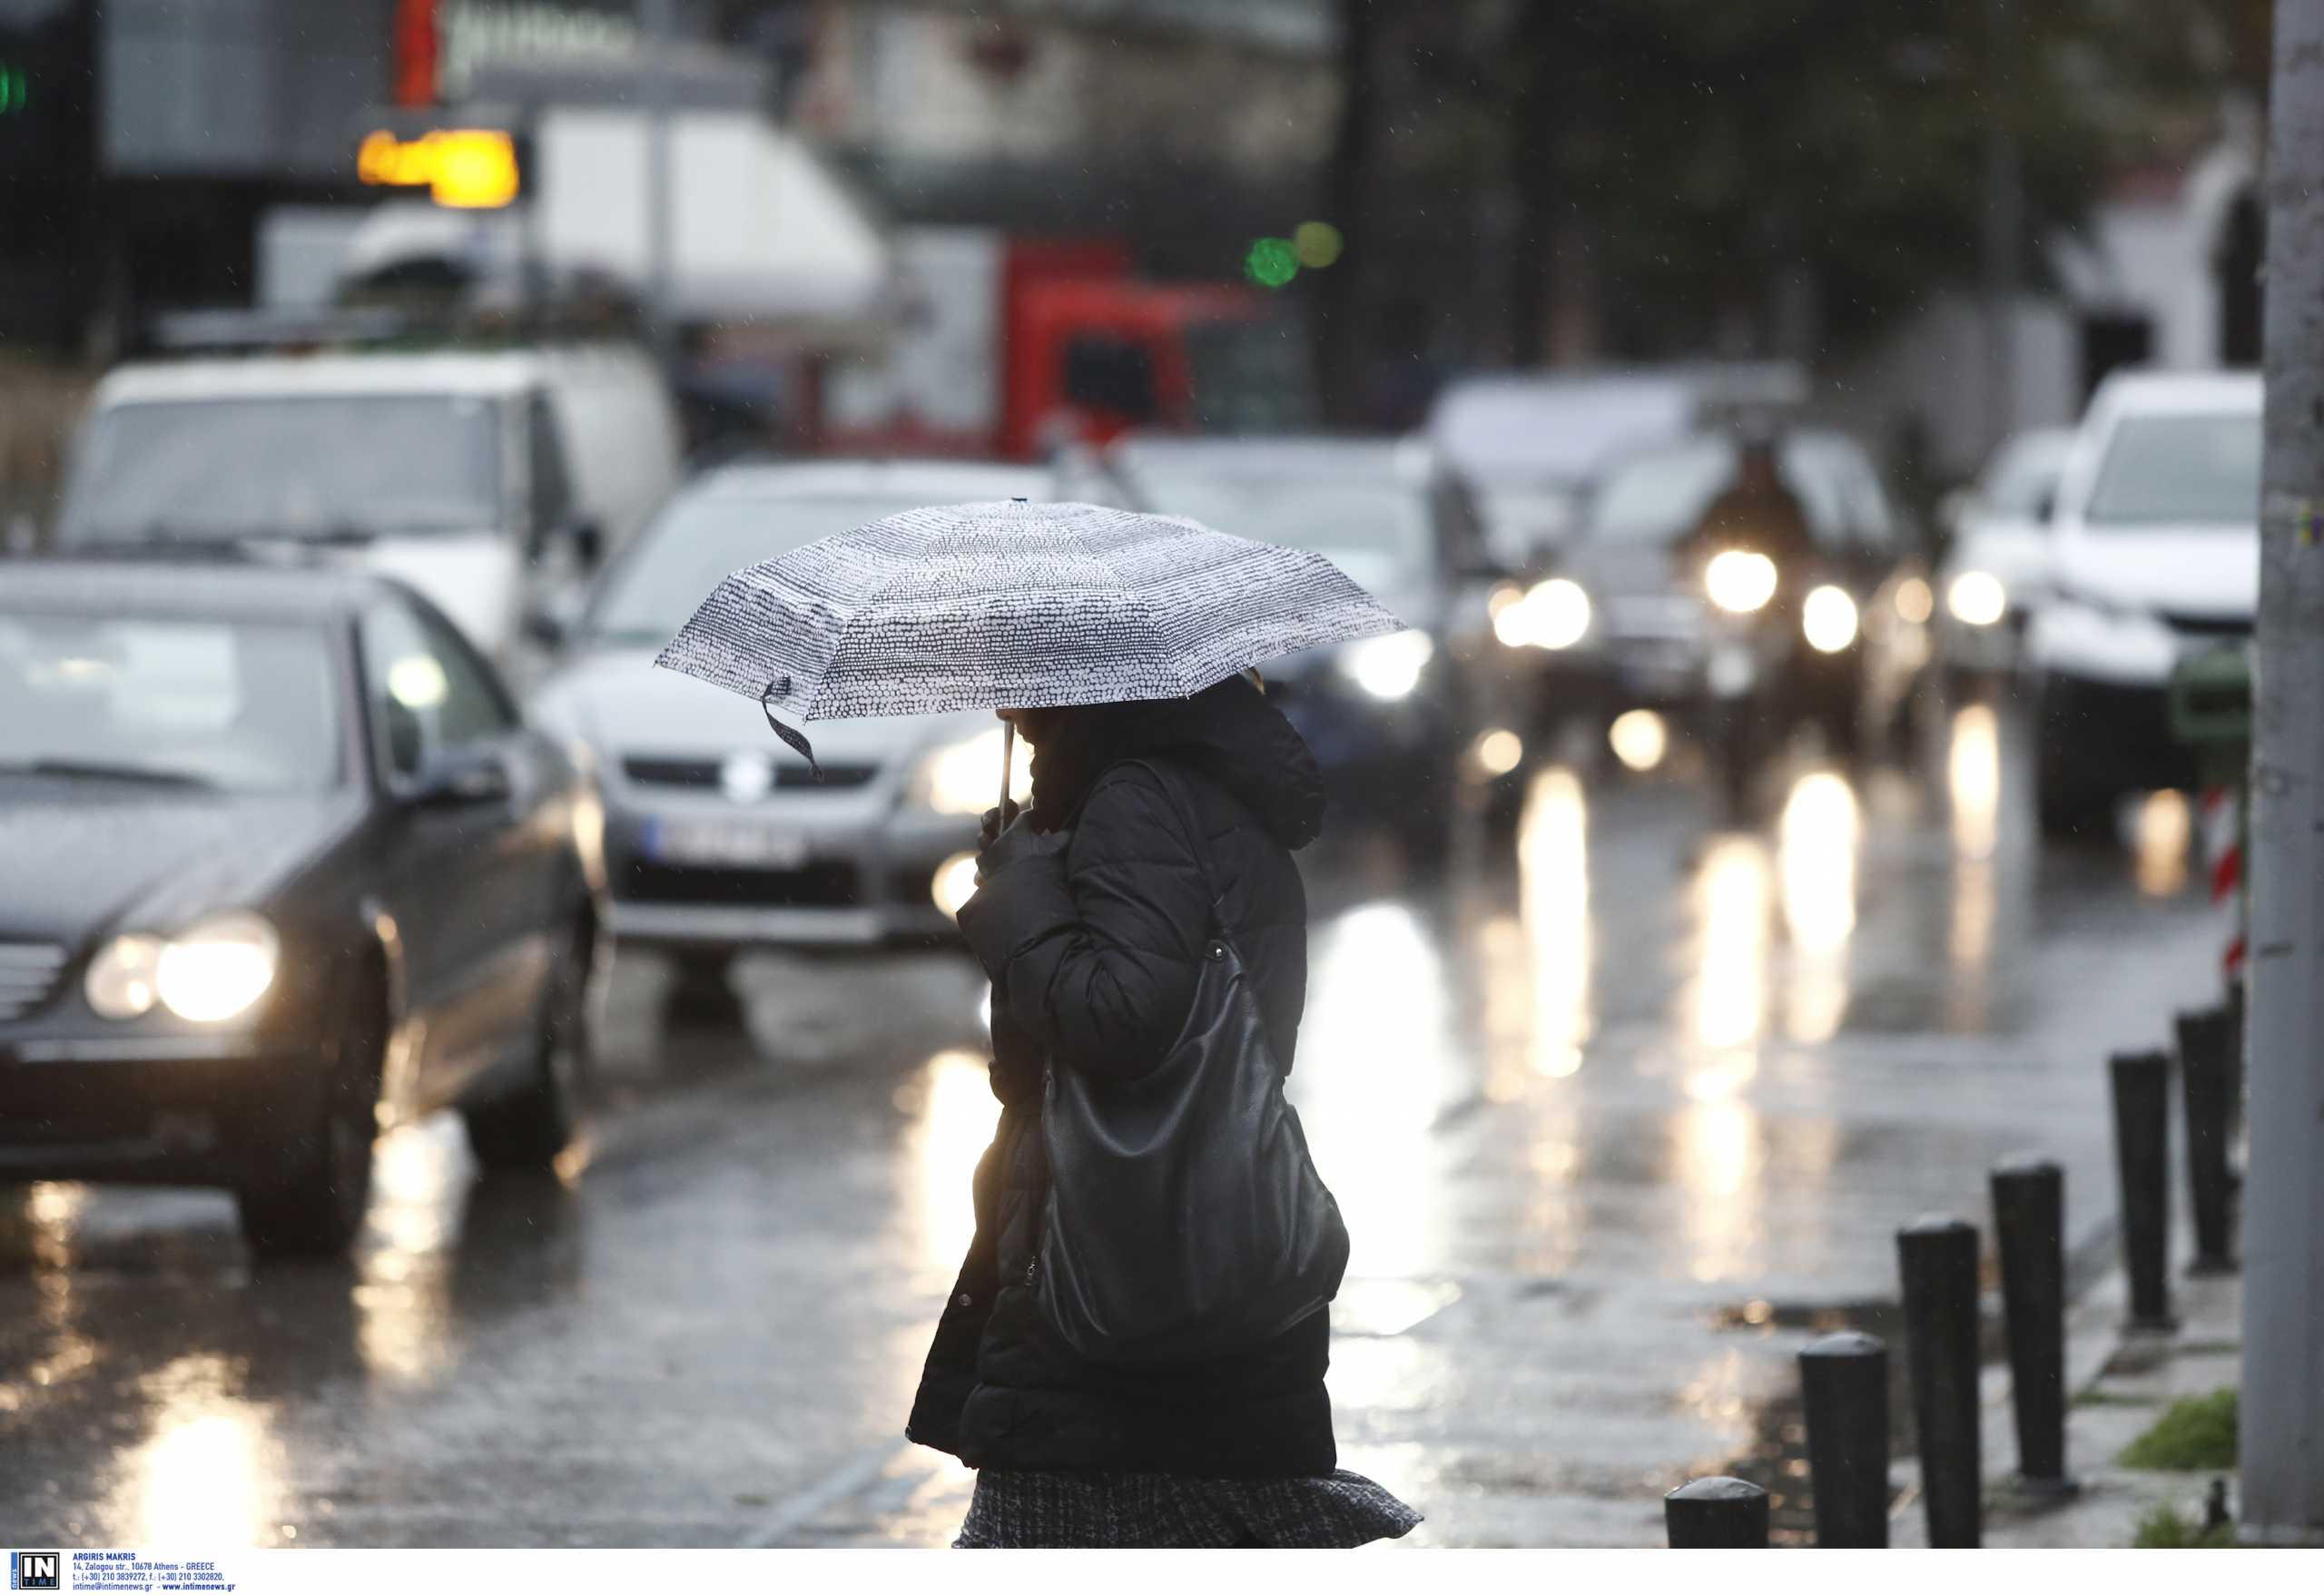 Καιρός σήμερα: «Μαλακώνει» και το χιόνι λιώνει – Σε ποιες περιοχές θα βρέχει